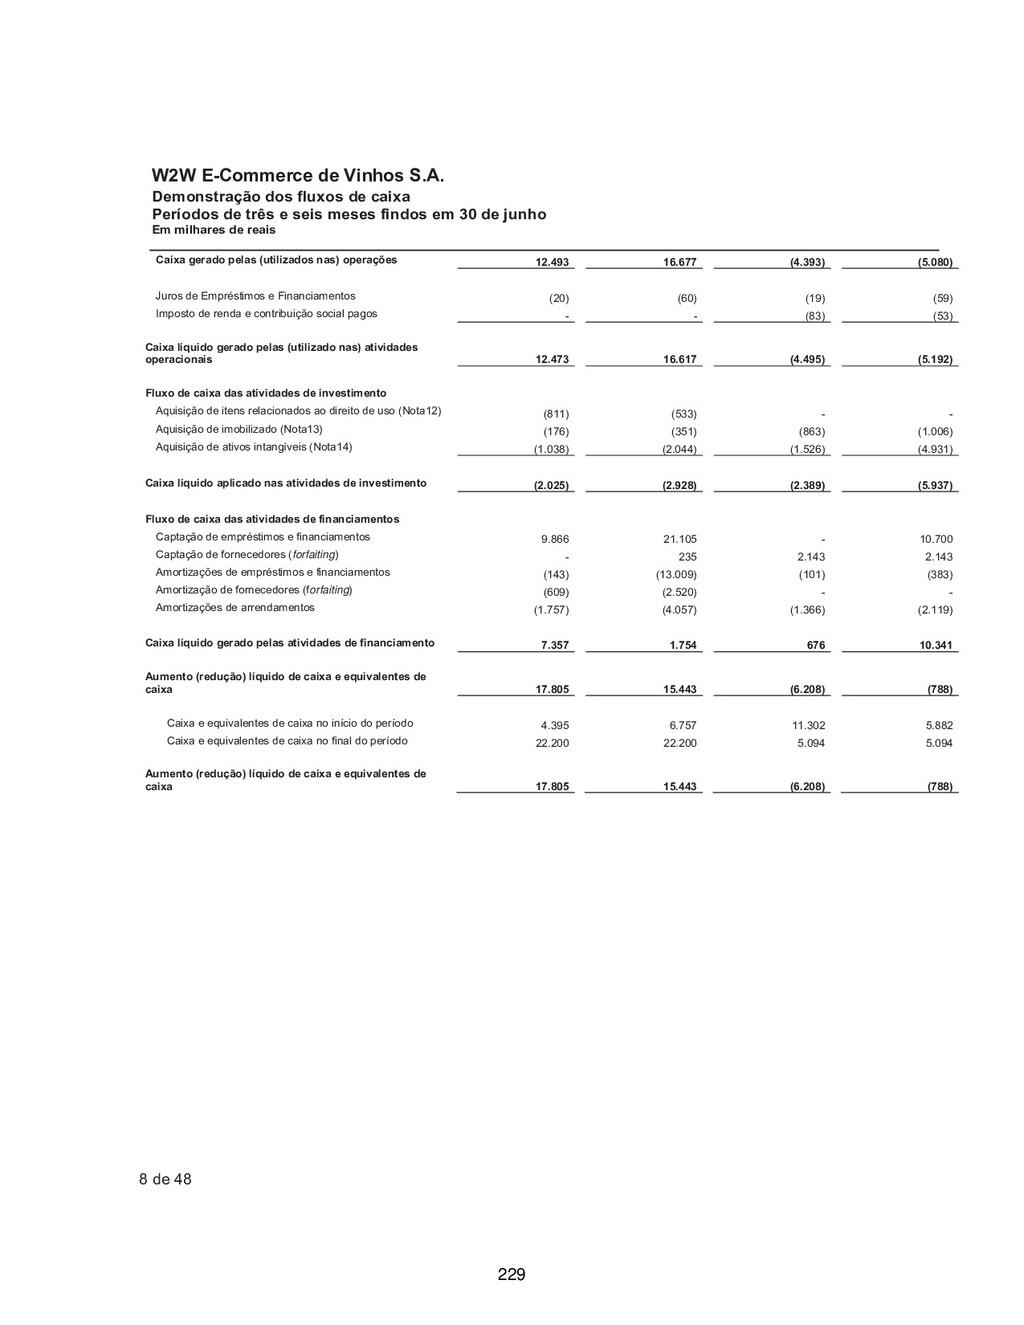 W2W E-Commerce de Vinhos S.A. Demonstração dos ...